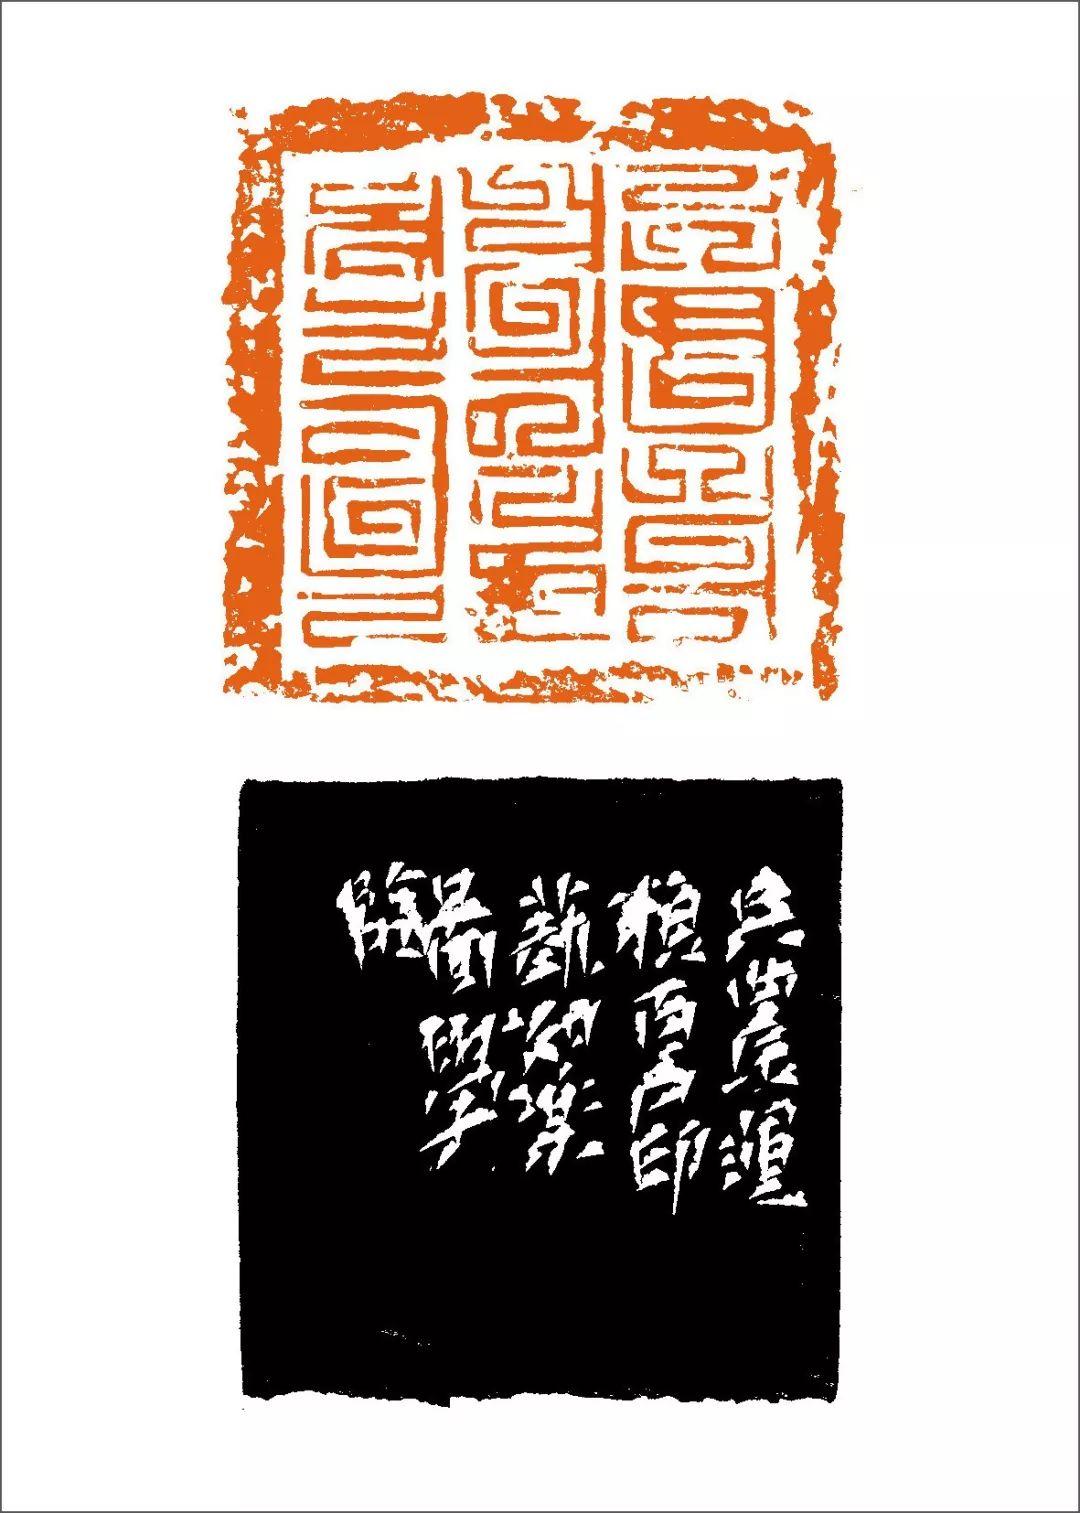 篆刻丛谈:八思巴文篆刻原石赏析 第14张